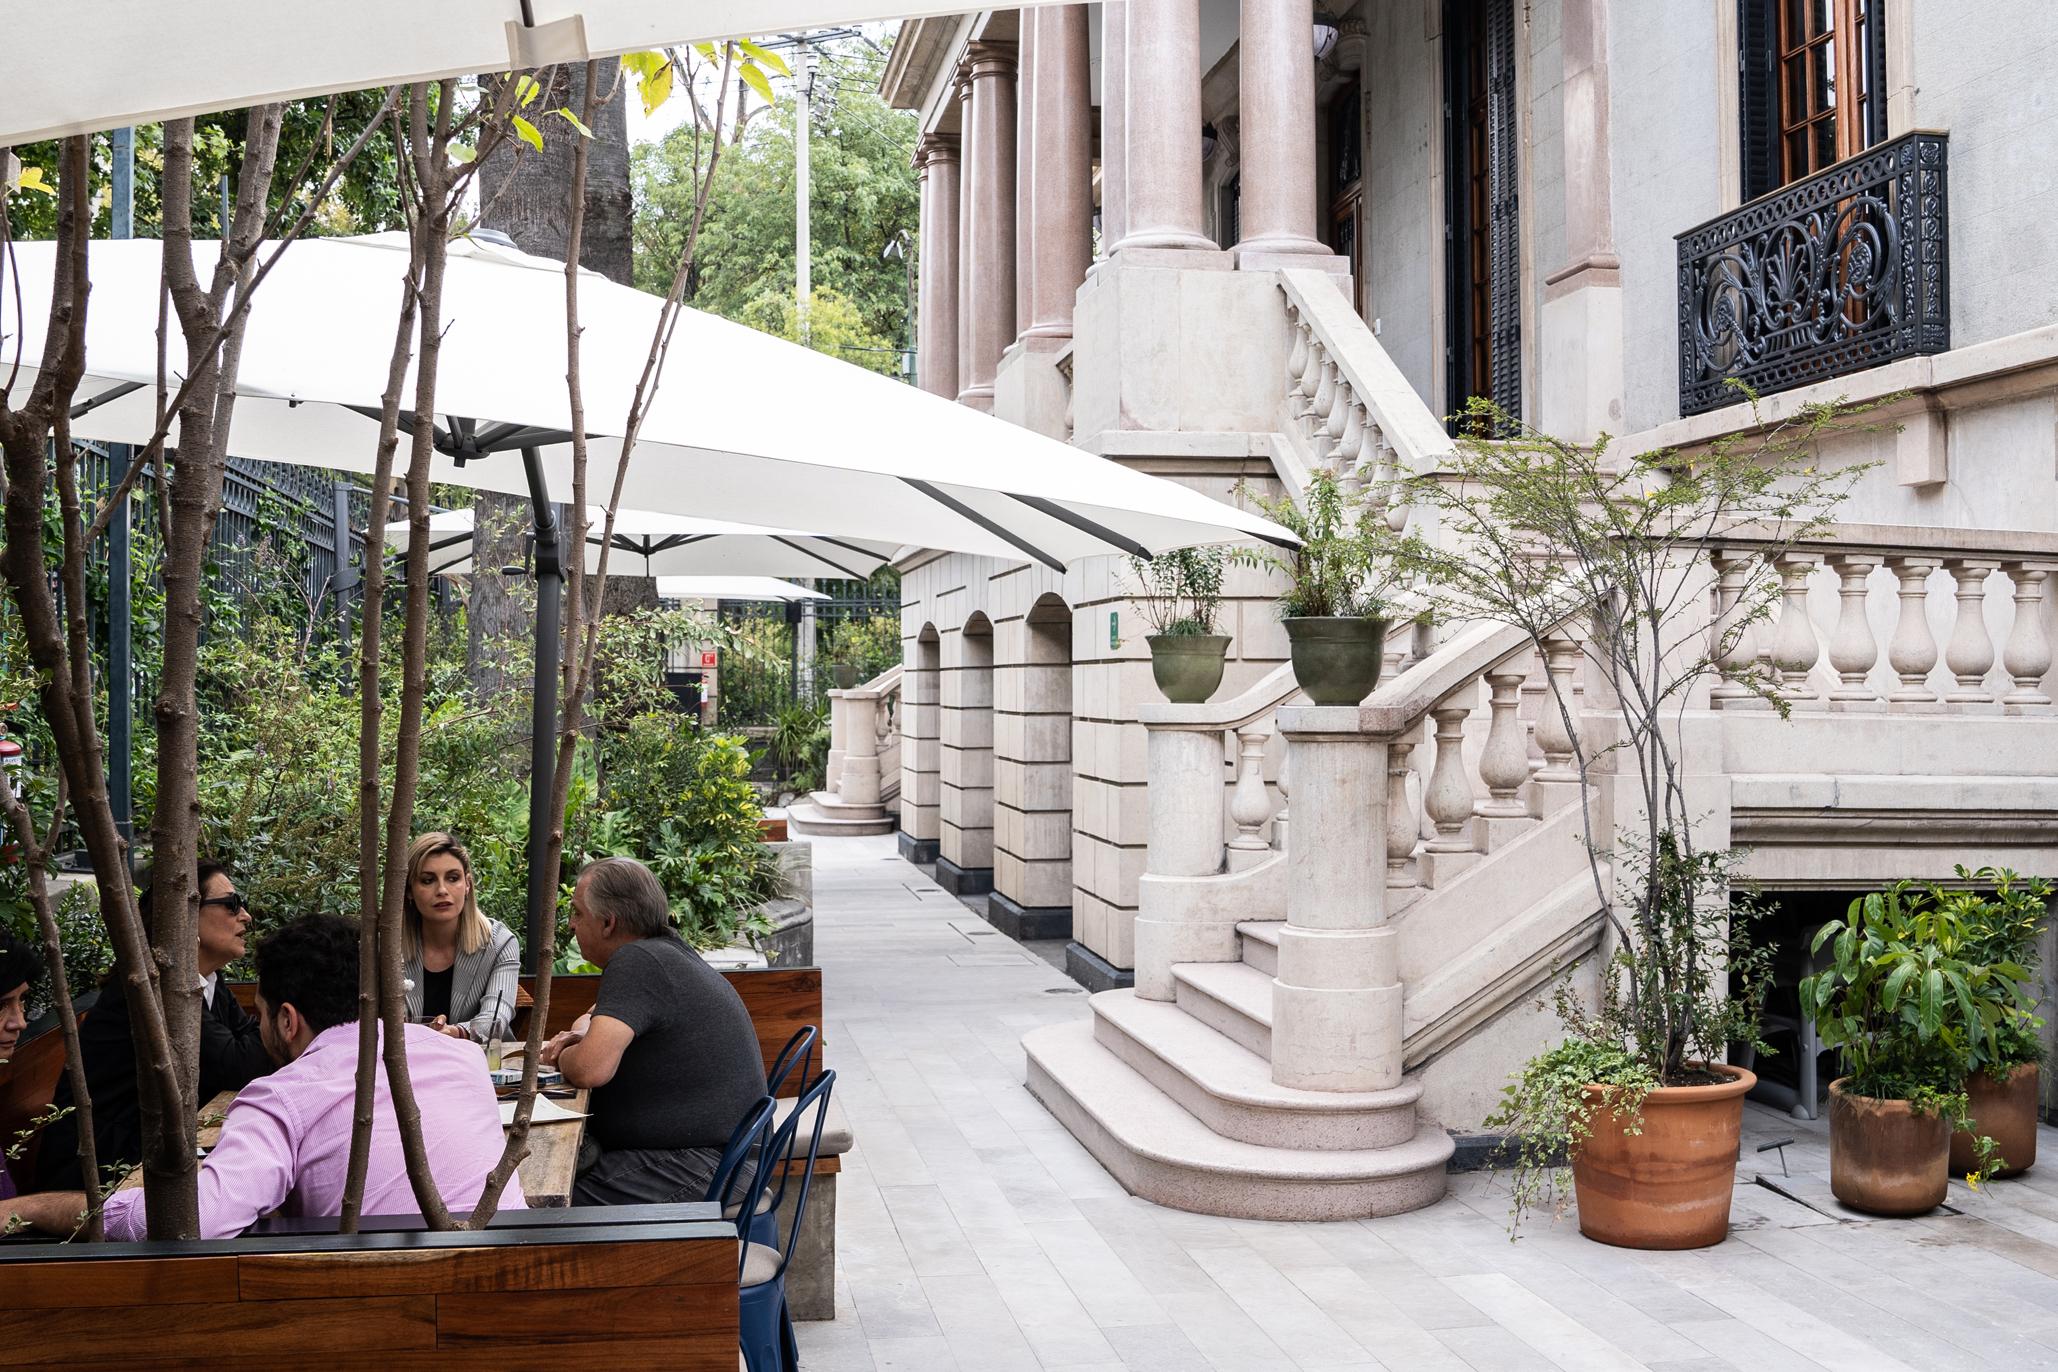 Madre Café, con bar, restaurante y café en la Roma en una casona porfiriana